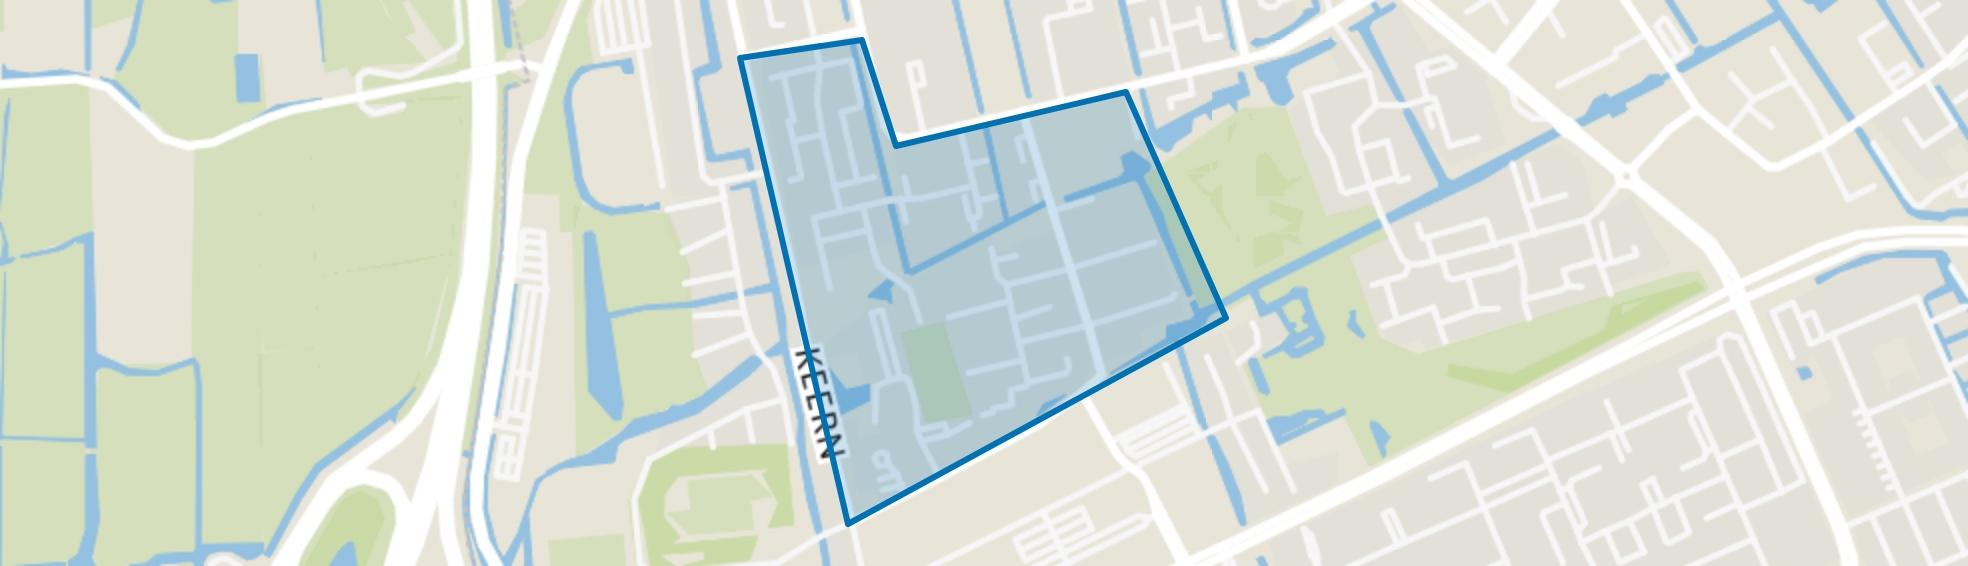 Risdam-Zuid - Buurt 20 04, Hoorn (NH) map